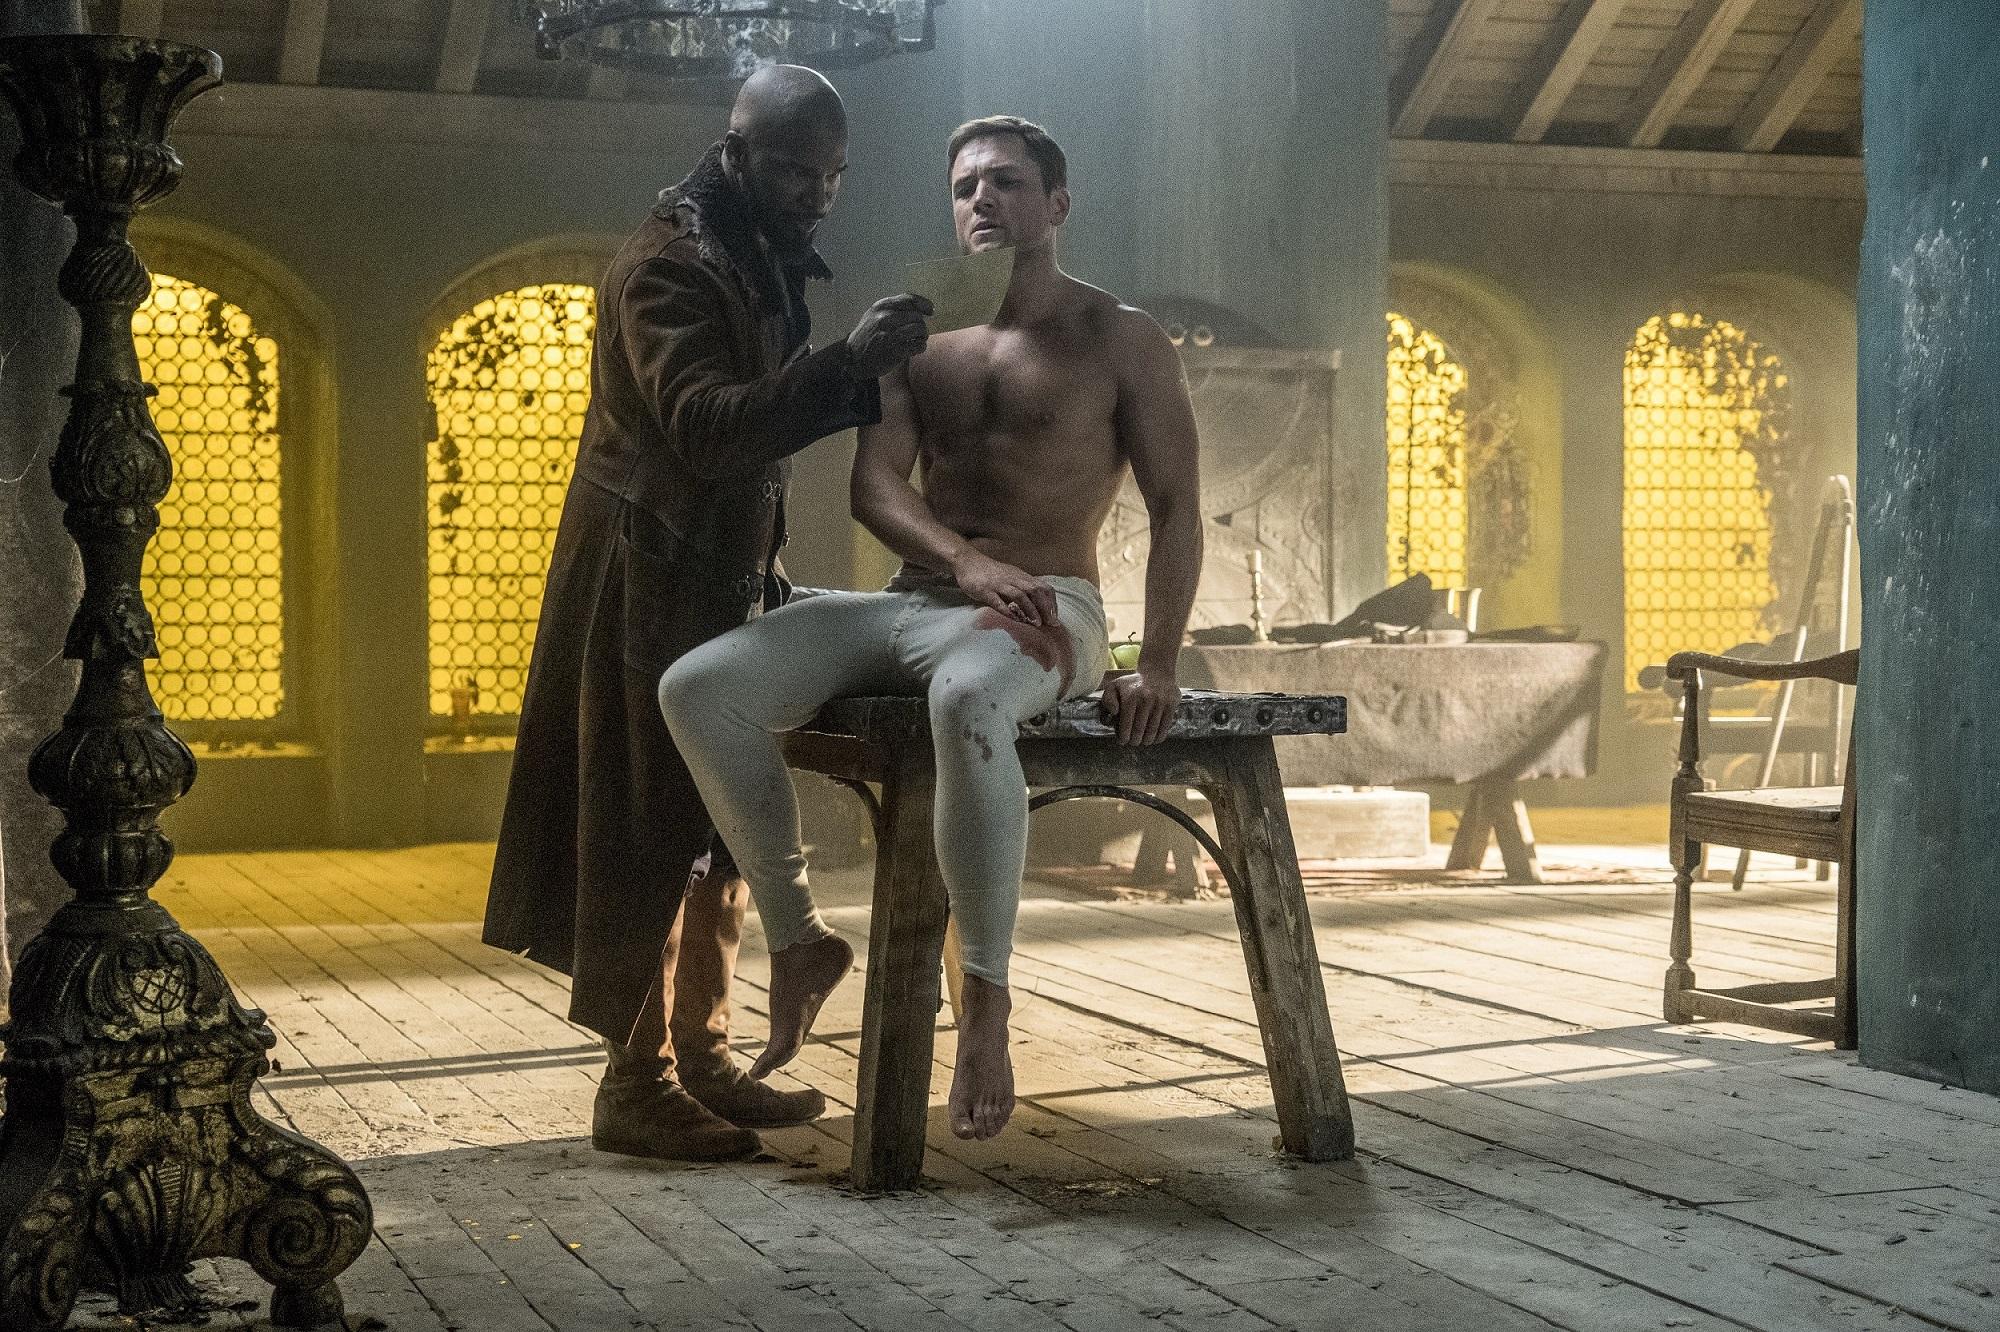 泰隆艾格頓為《羅賓漢崛起》練出精壯冰塊肌  奧斯卡影帝大讚「天生是當英雄的料」